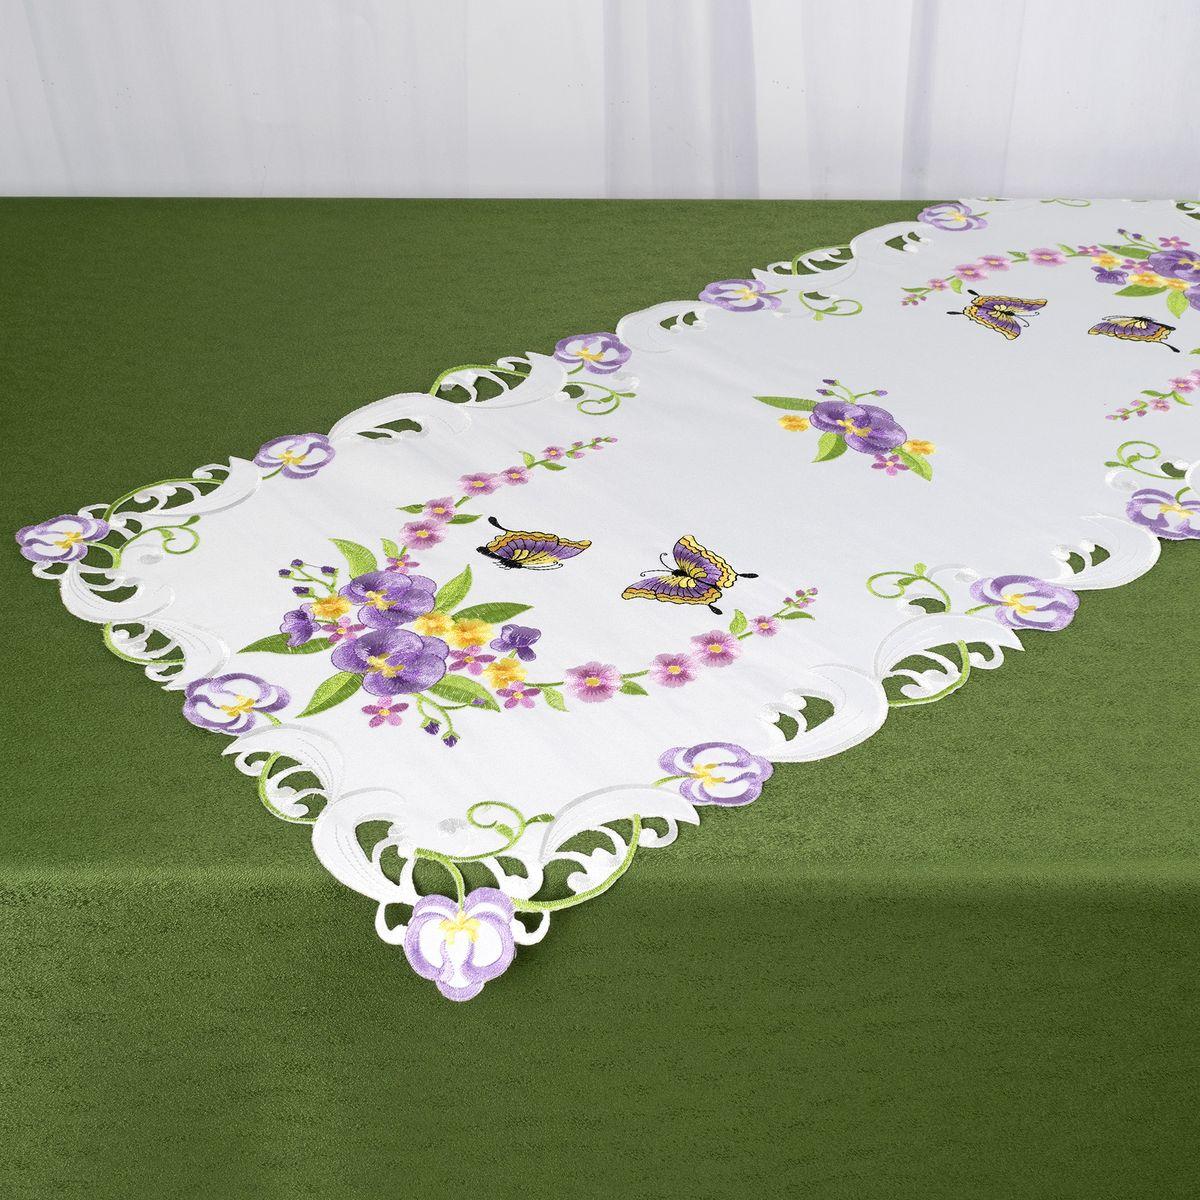 Дорожка для декорирования стола Schaefer, 40 x 85 см, цвет: белый, фиолетовый. 07745-271 скатерть schaefer квадратная цвет бежевый золотистый 85 x 85 см 07486 100